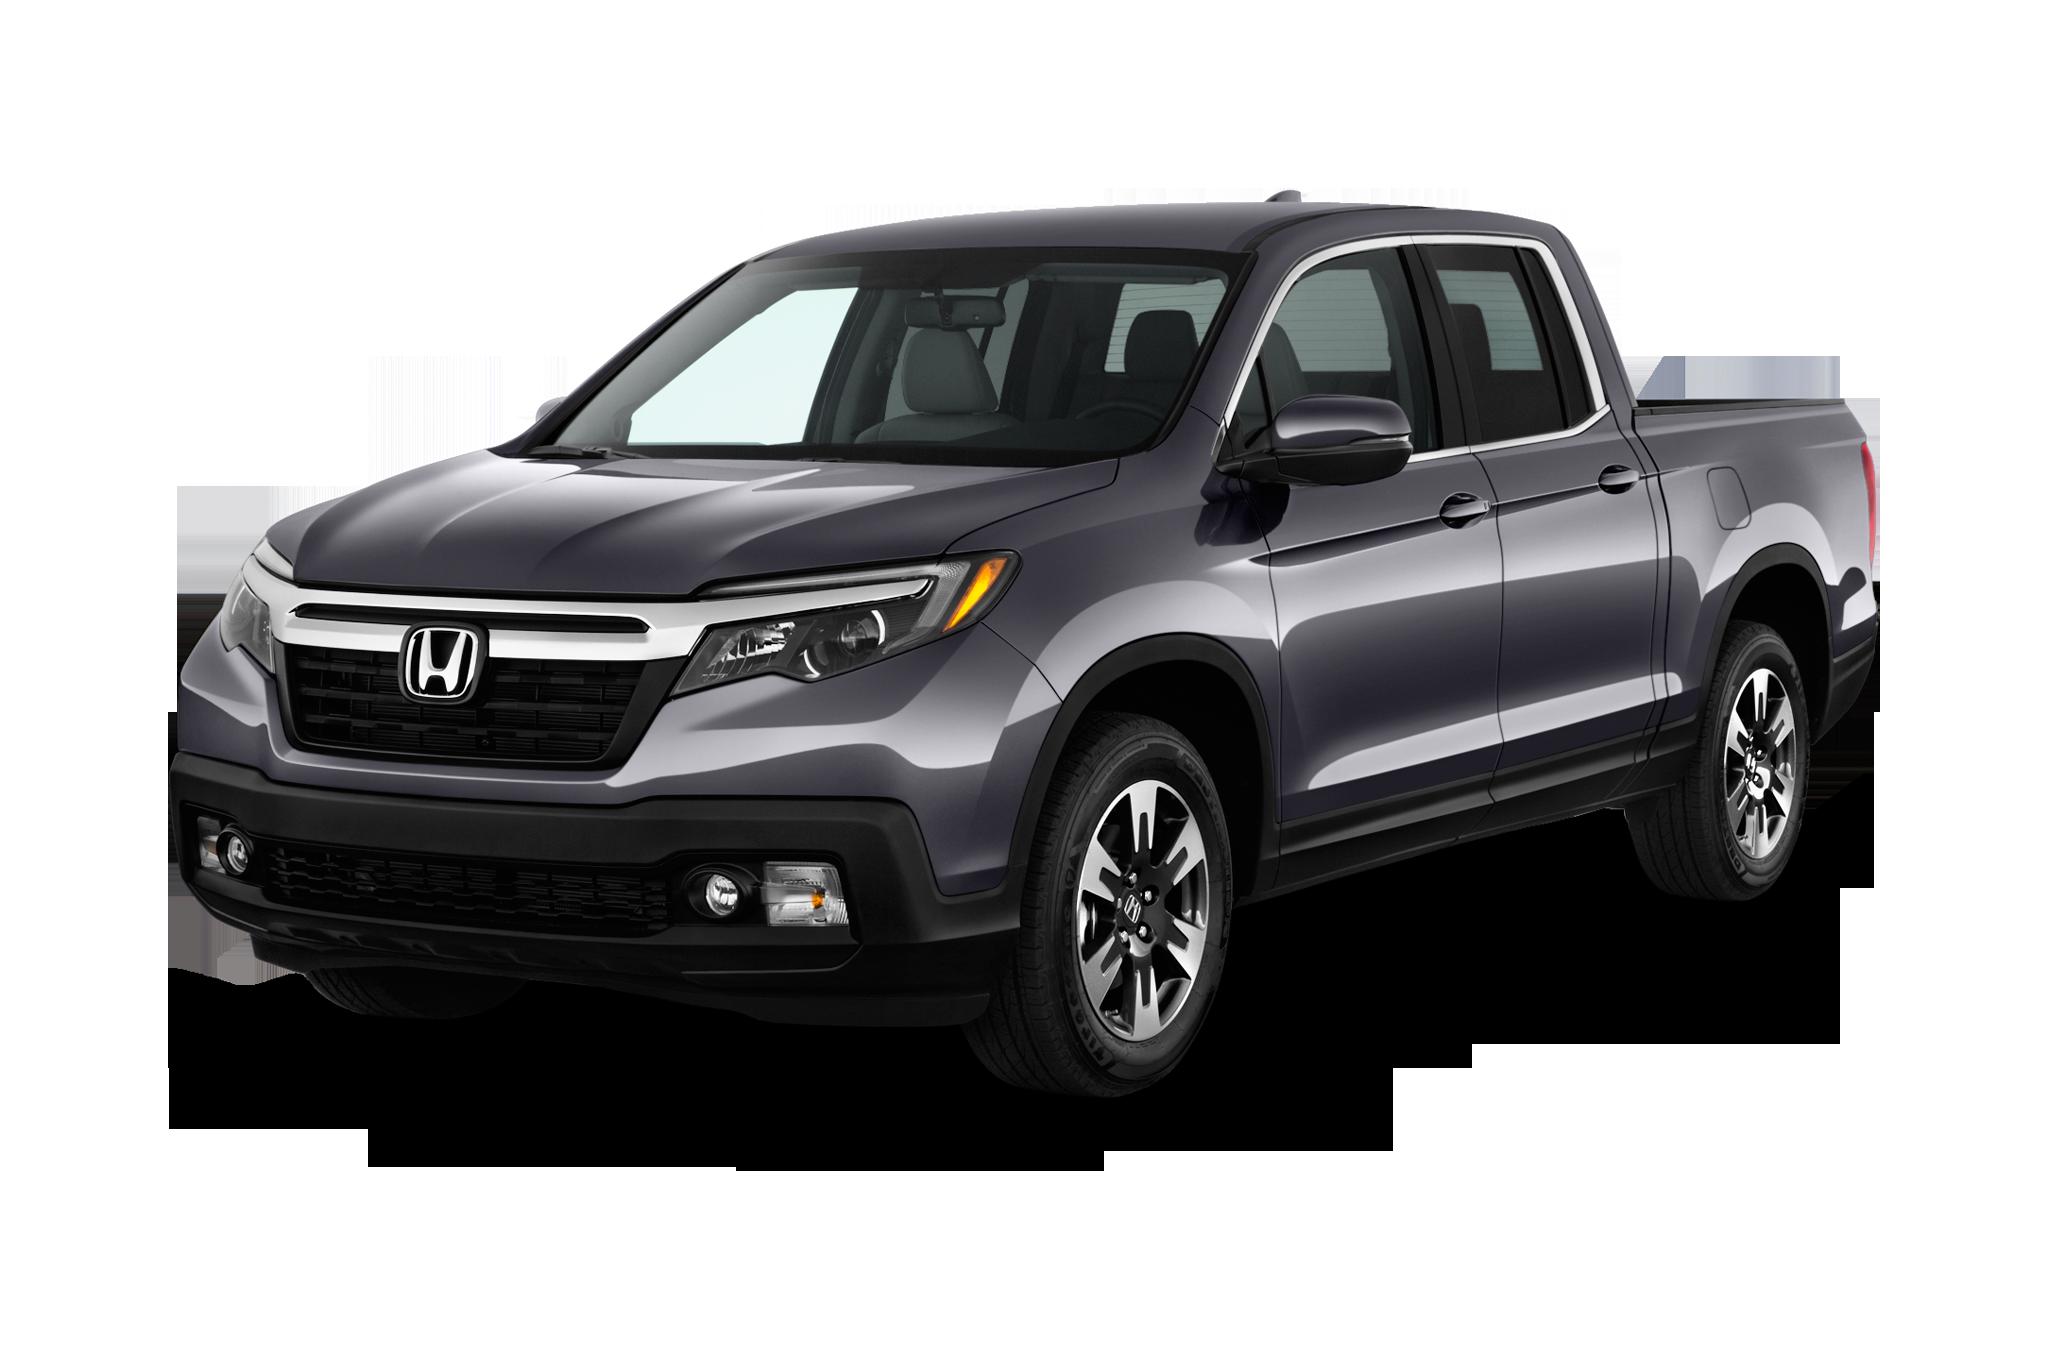 Perfect 2017 Honda Ridgeline